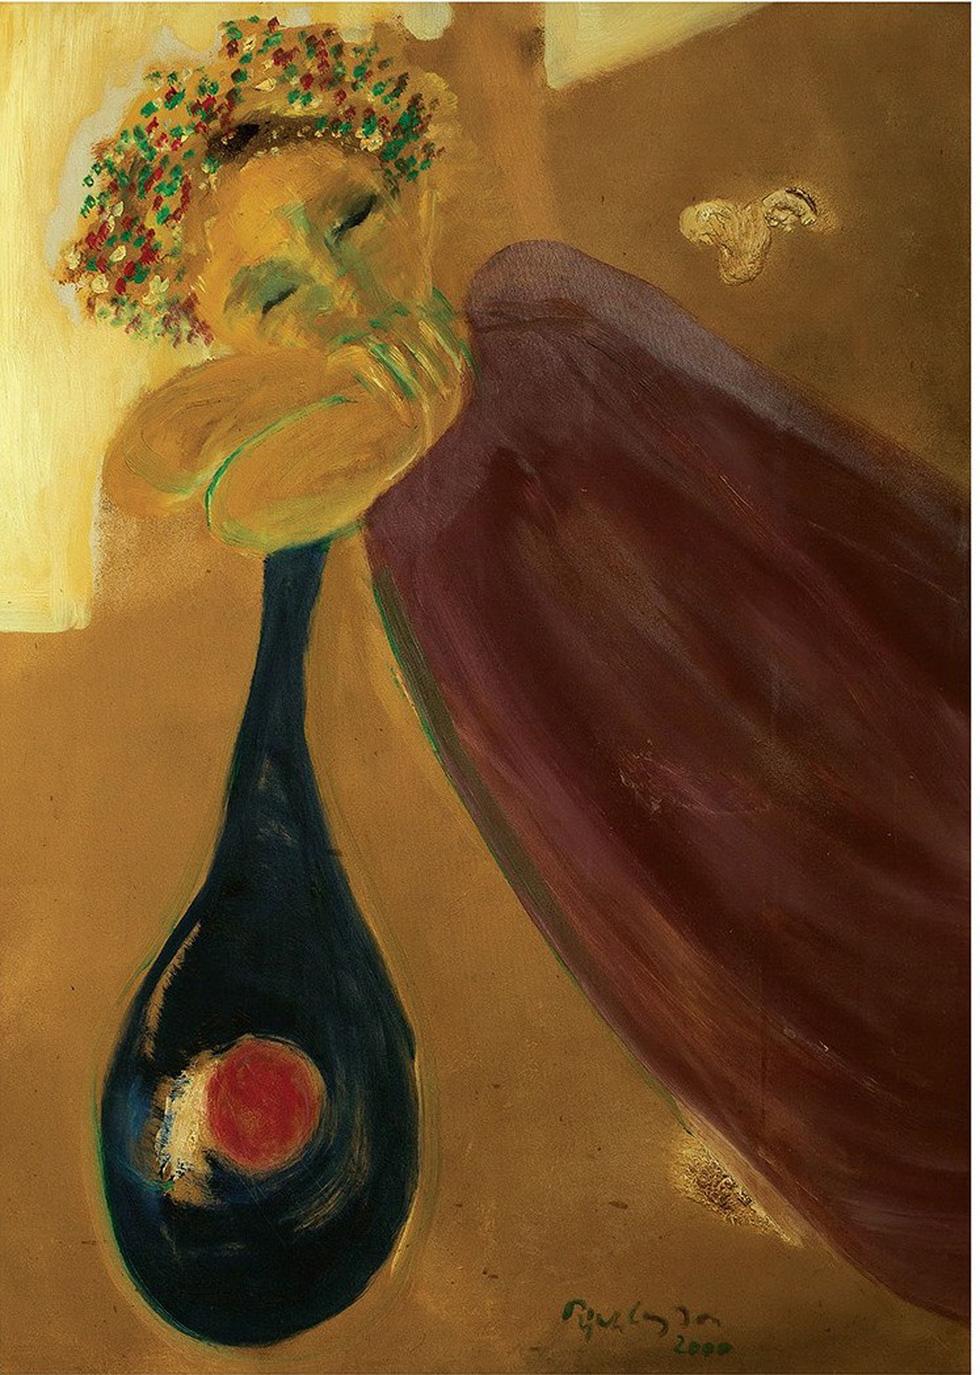 Lần đầu được ngắm cả bộ tranh của nhạc sĩ Trịnh Công Sơn - Ảnh 7.